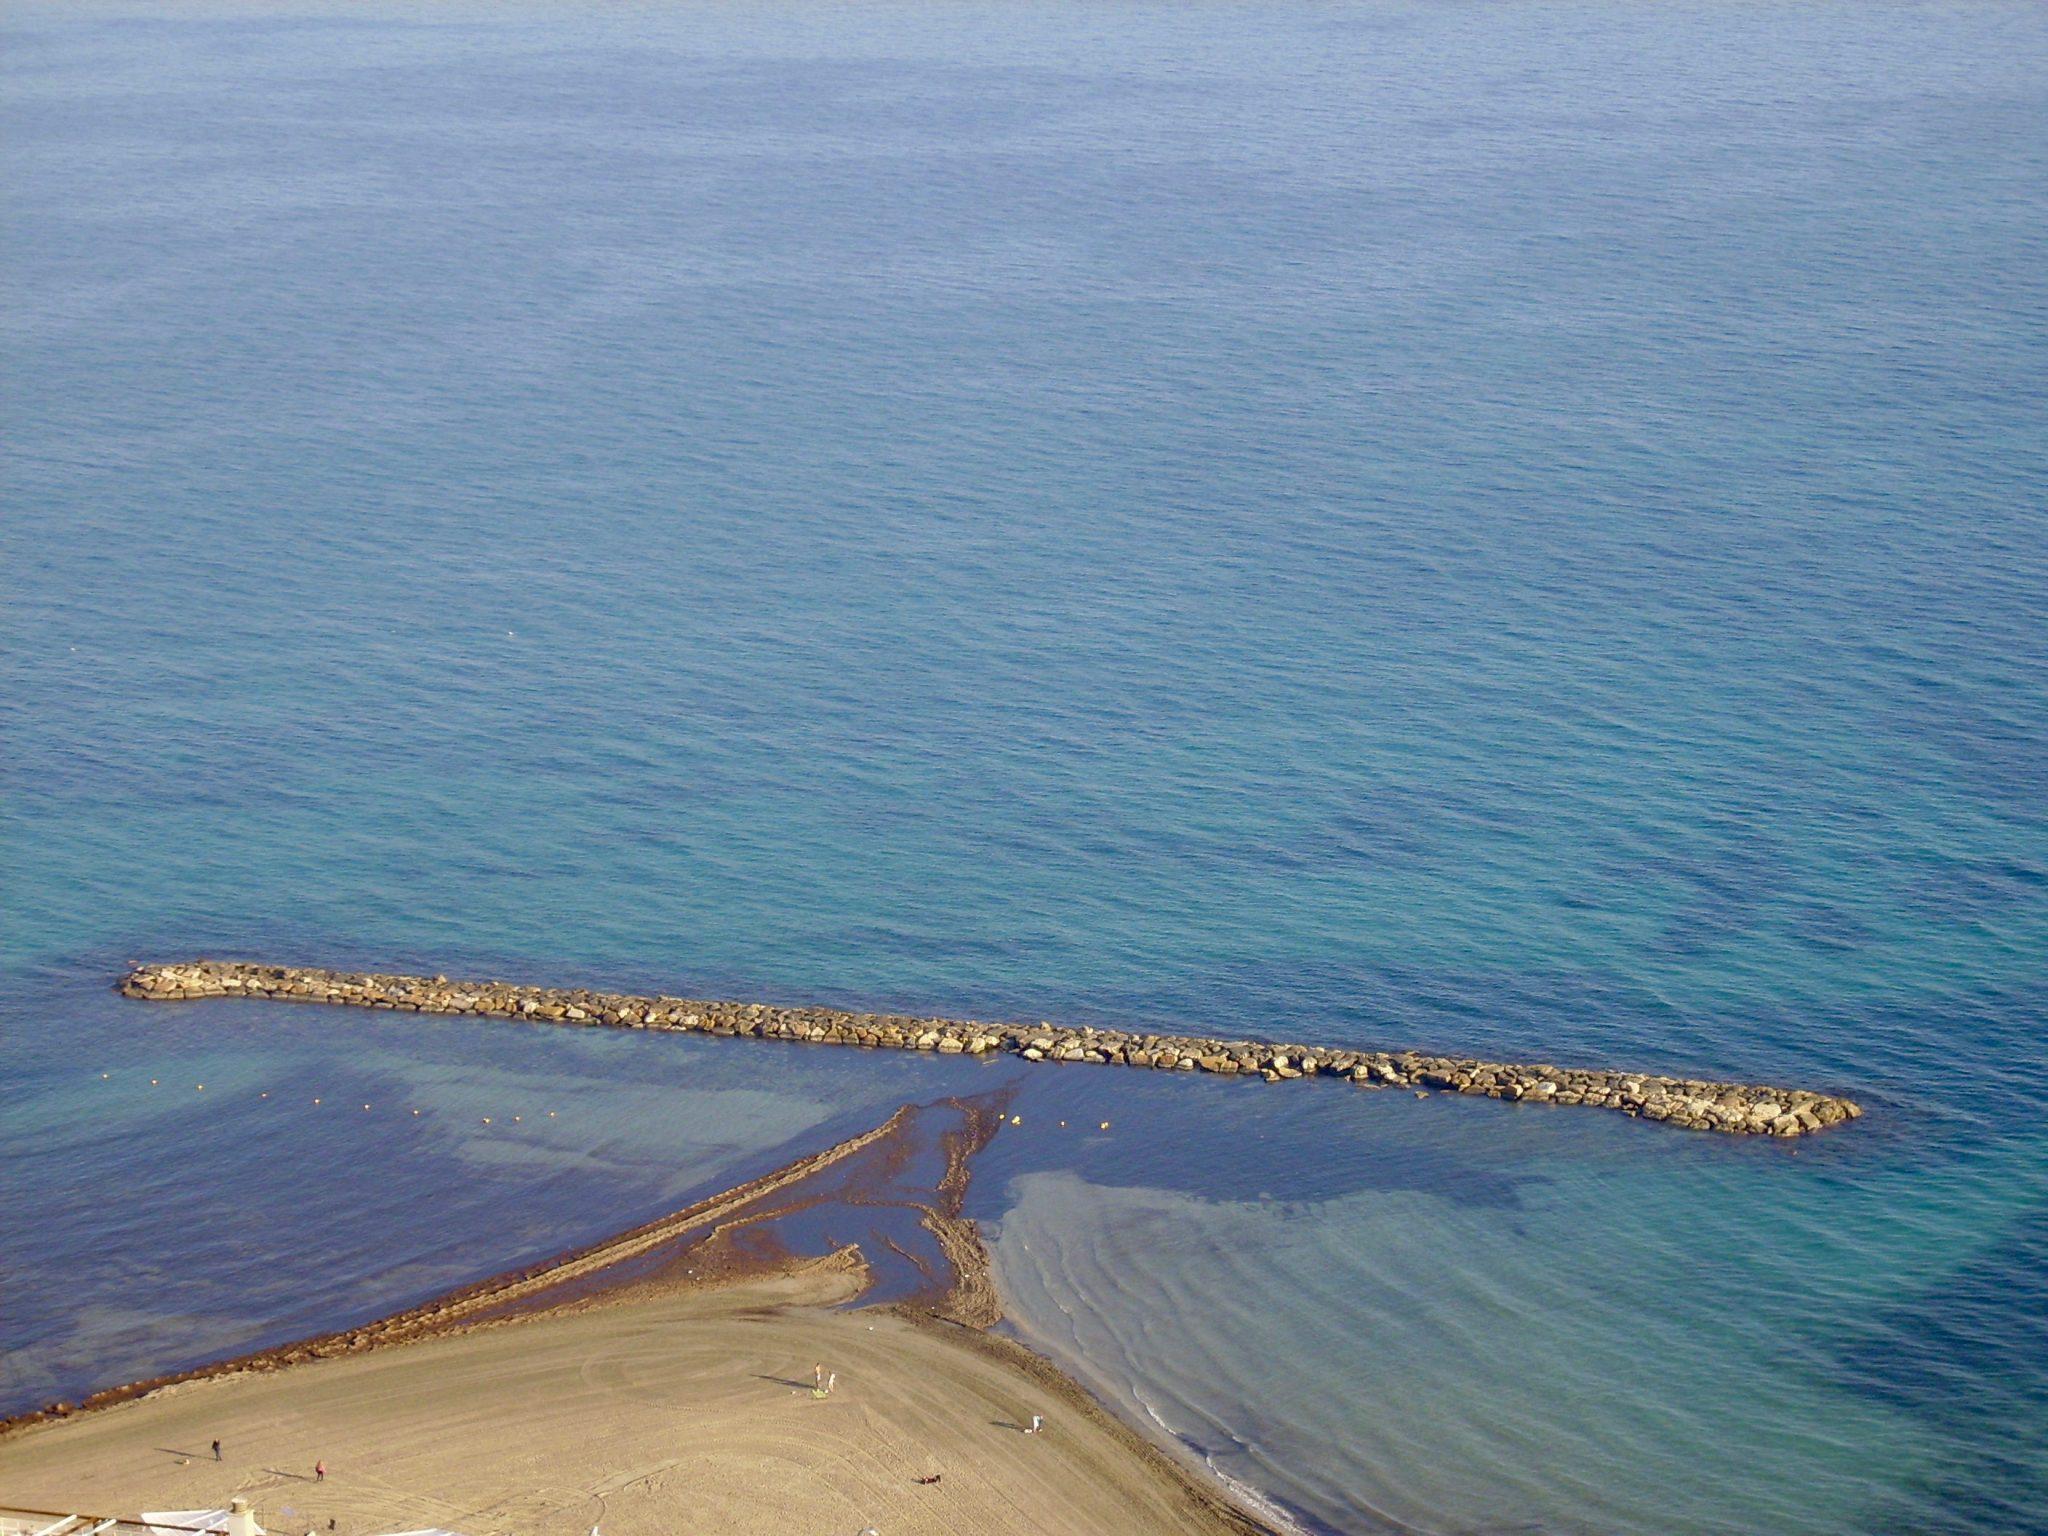 Alicante: Blick von der Burg auf einen Teil des Strandes